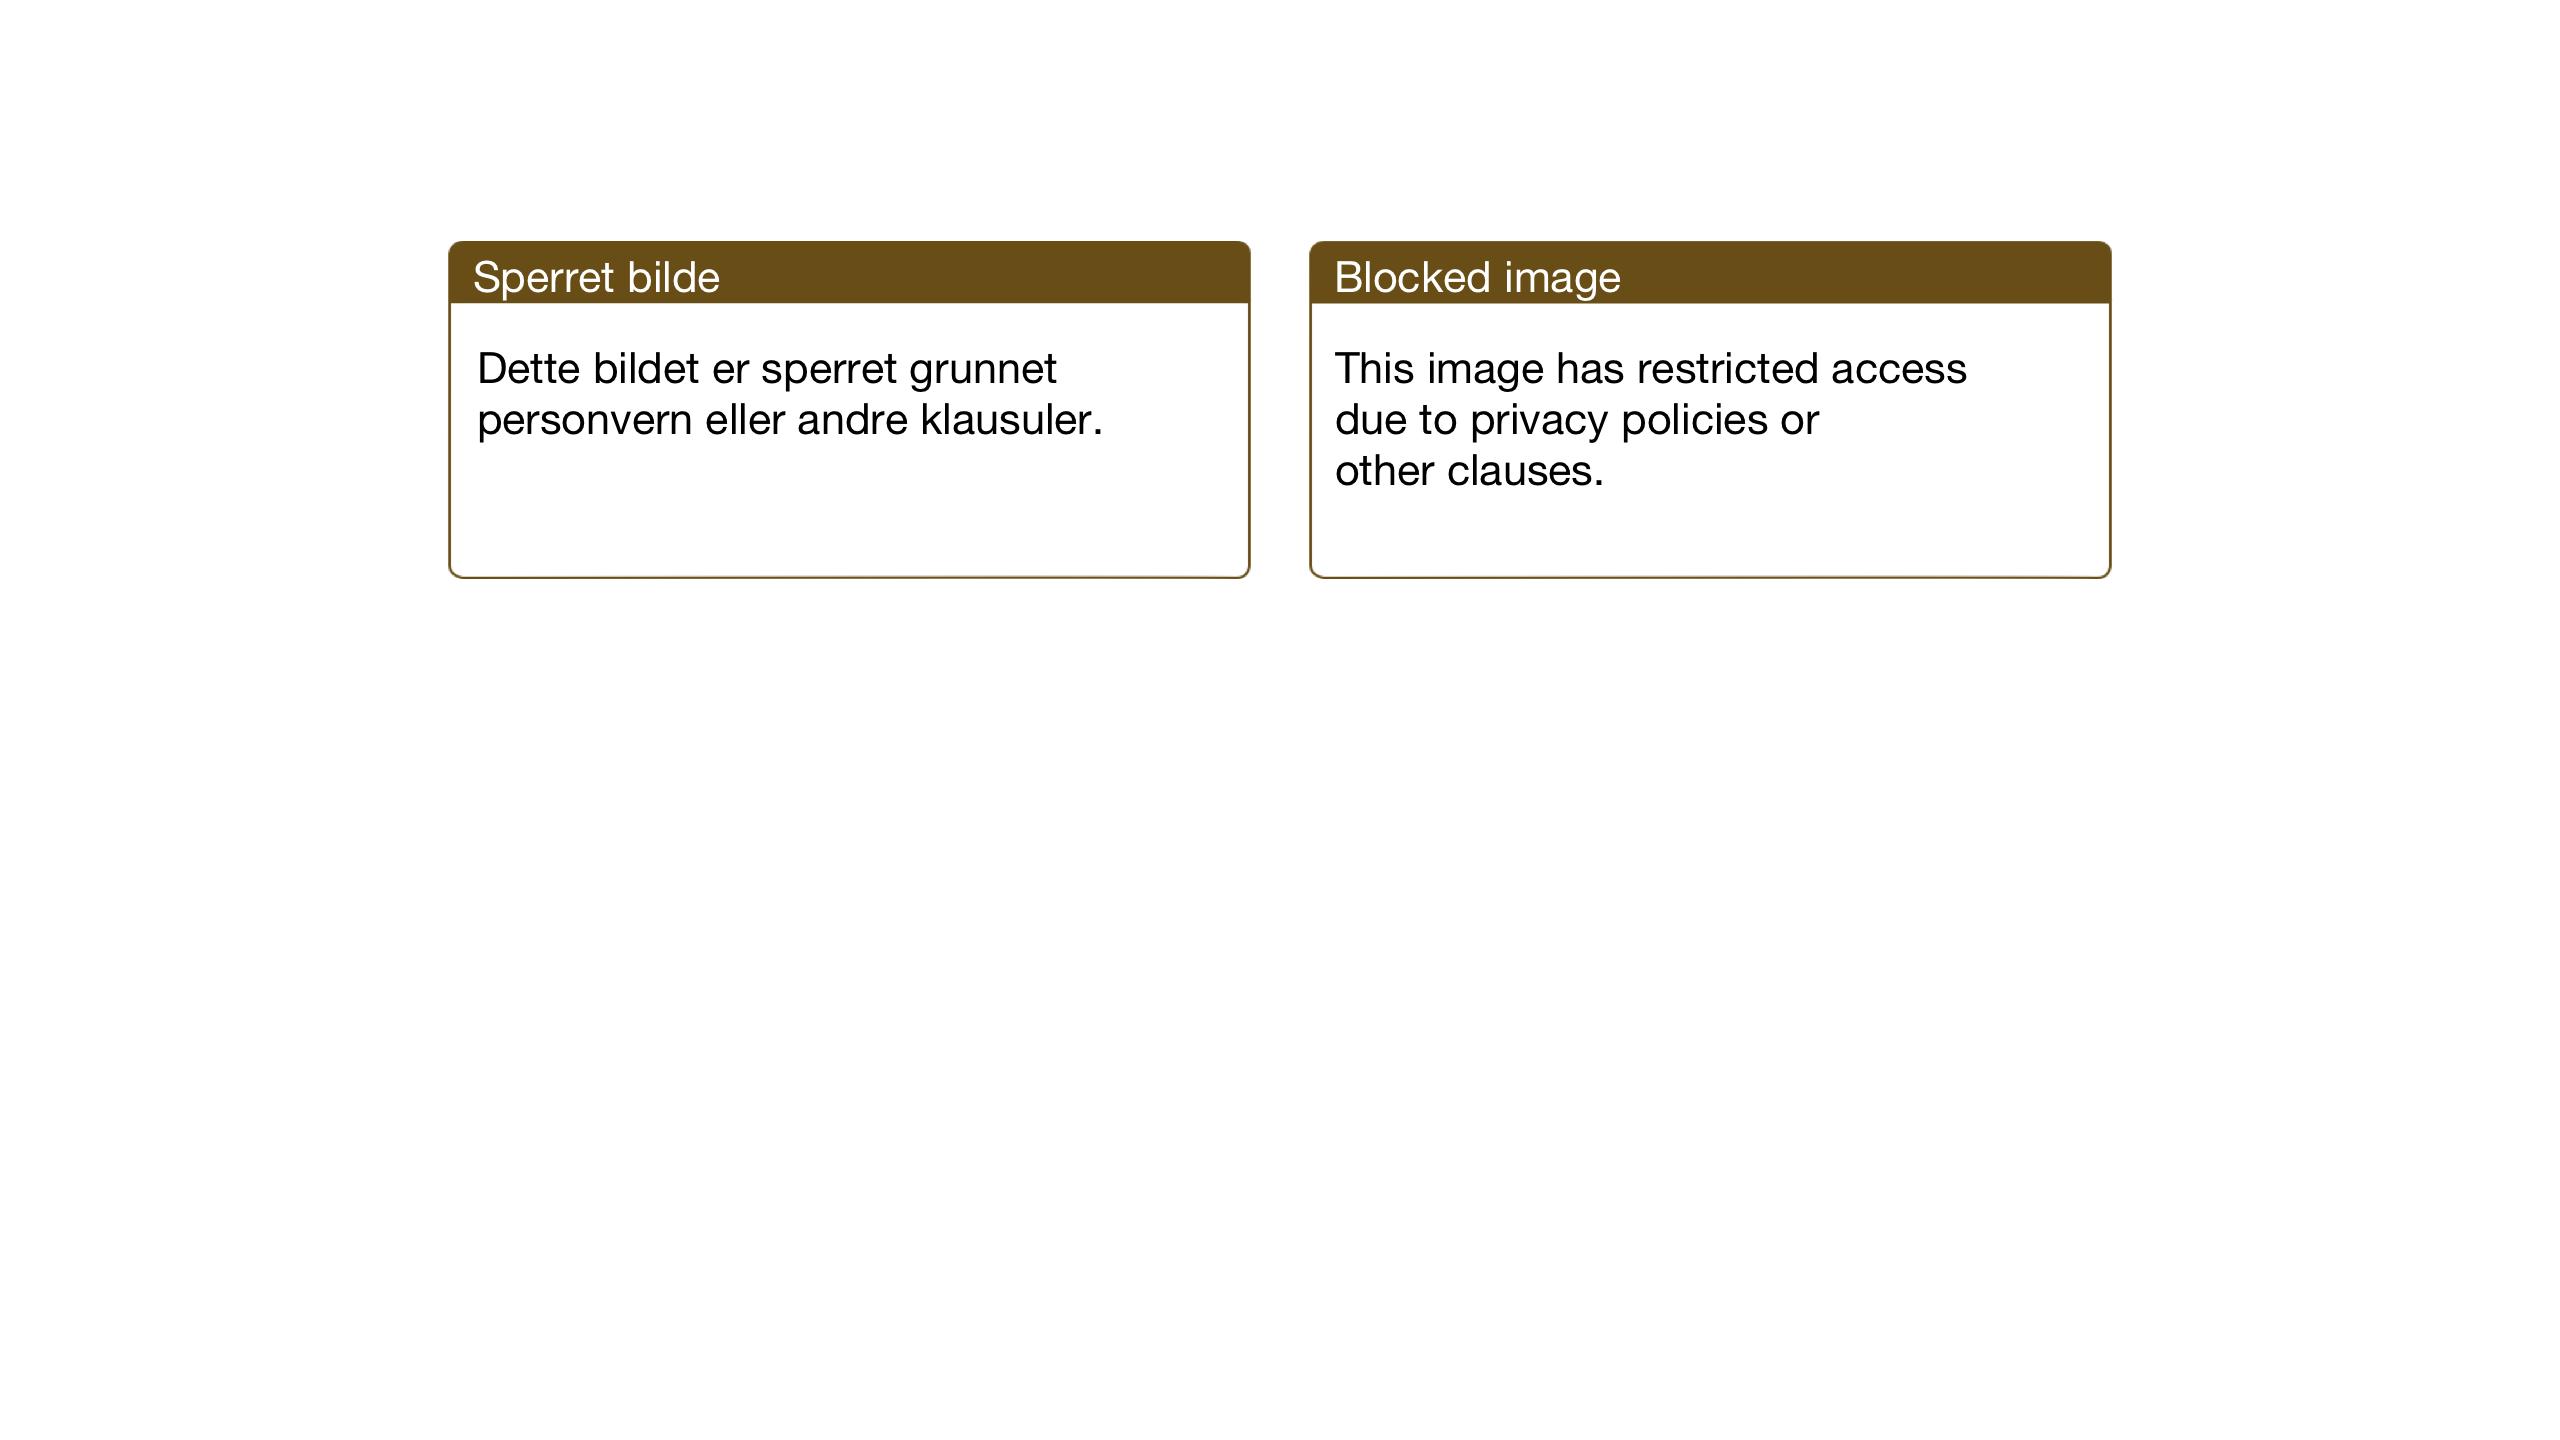 SAT, Ministerialprotokoller, klokkerbøker og fødselsregistre - Sør-Trøndelag, 674/L0878: Klokkerbok nr. 674C05, 1941-1950, s. 32